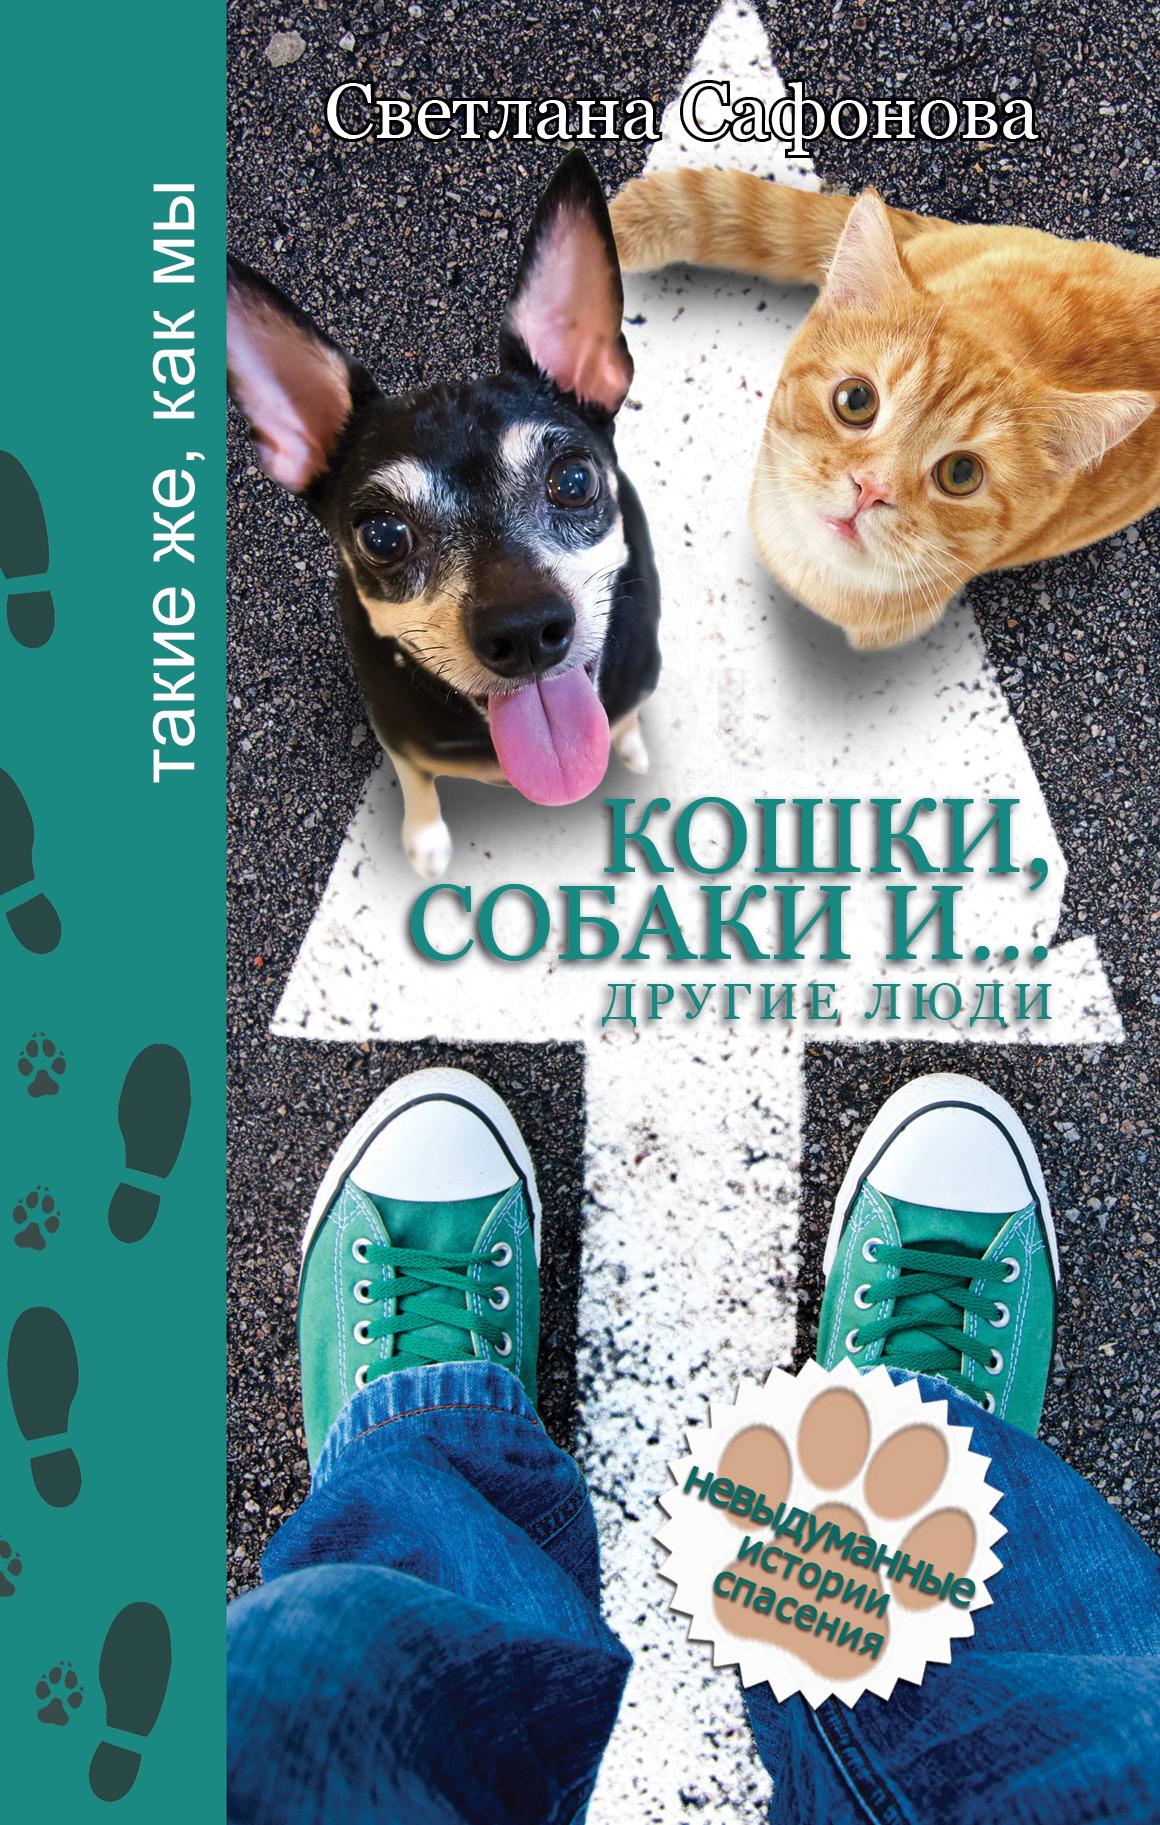 Светлана Сафонова Кошки, собаки и… другие люди. Невыдуманные истории спасения